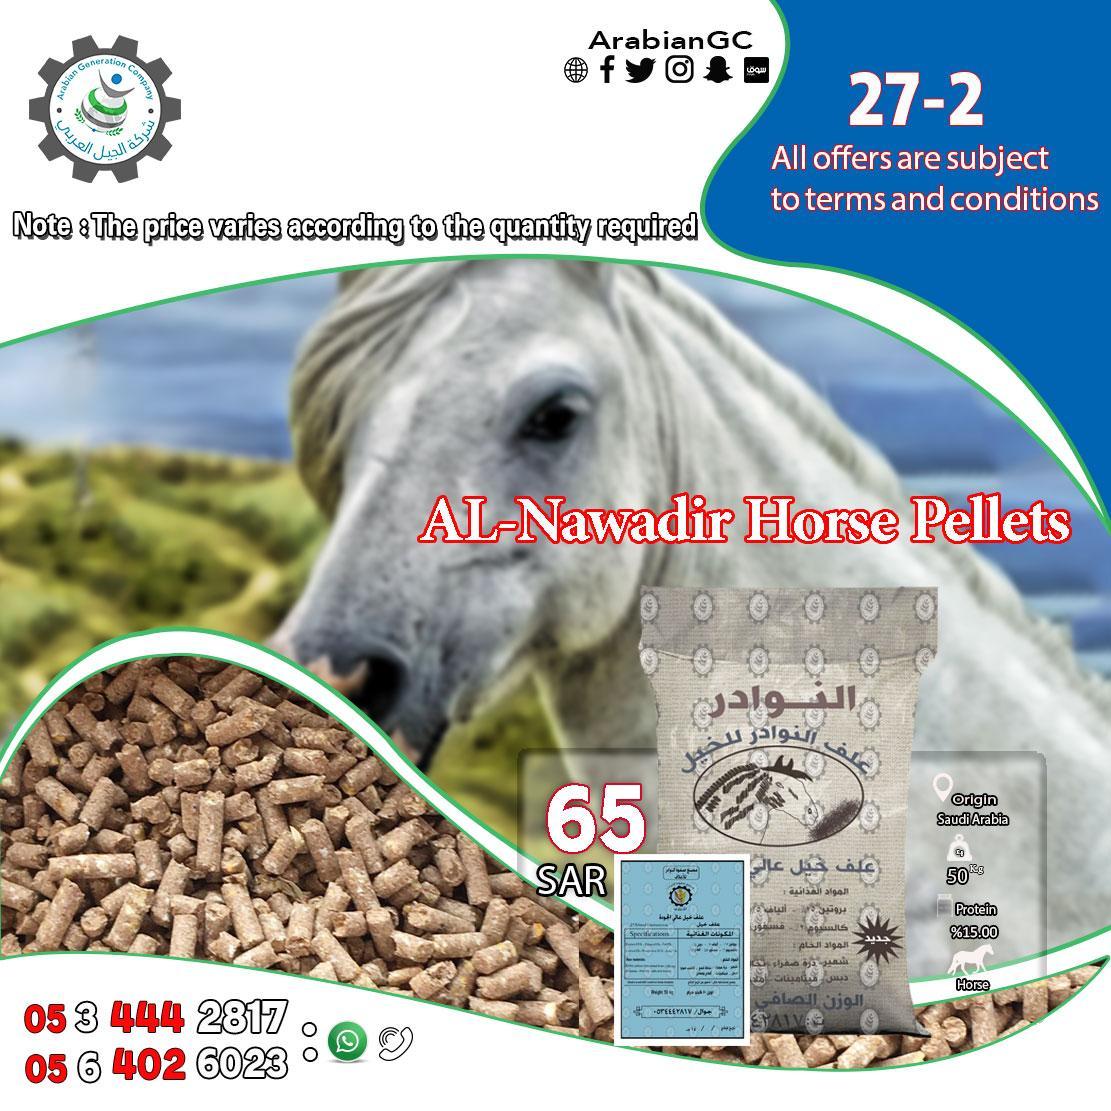 AL-Nawadir Horse Pellets from Arabian d.php?hash=I1ES6HO5V